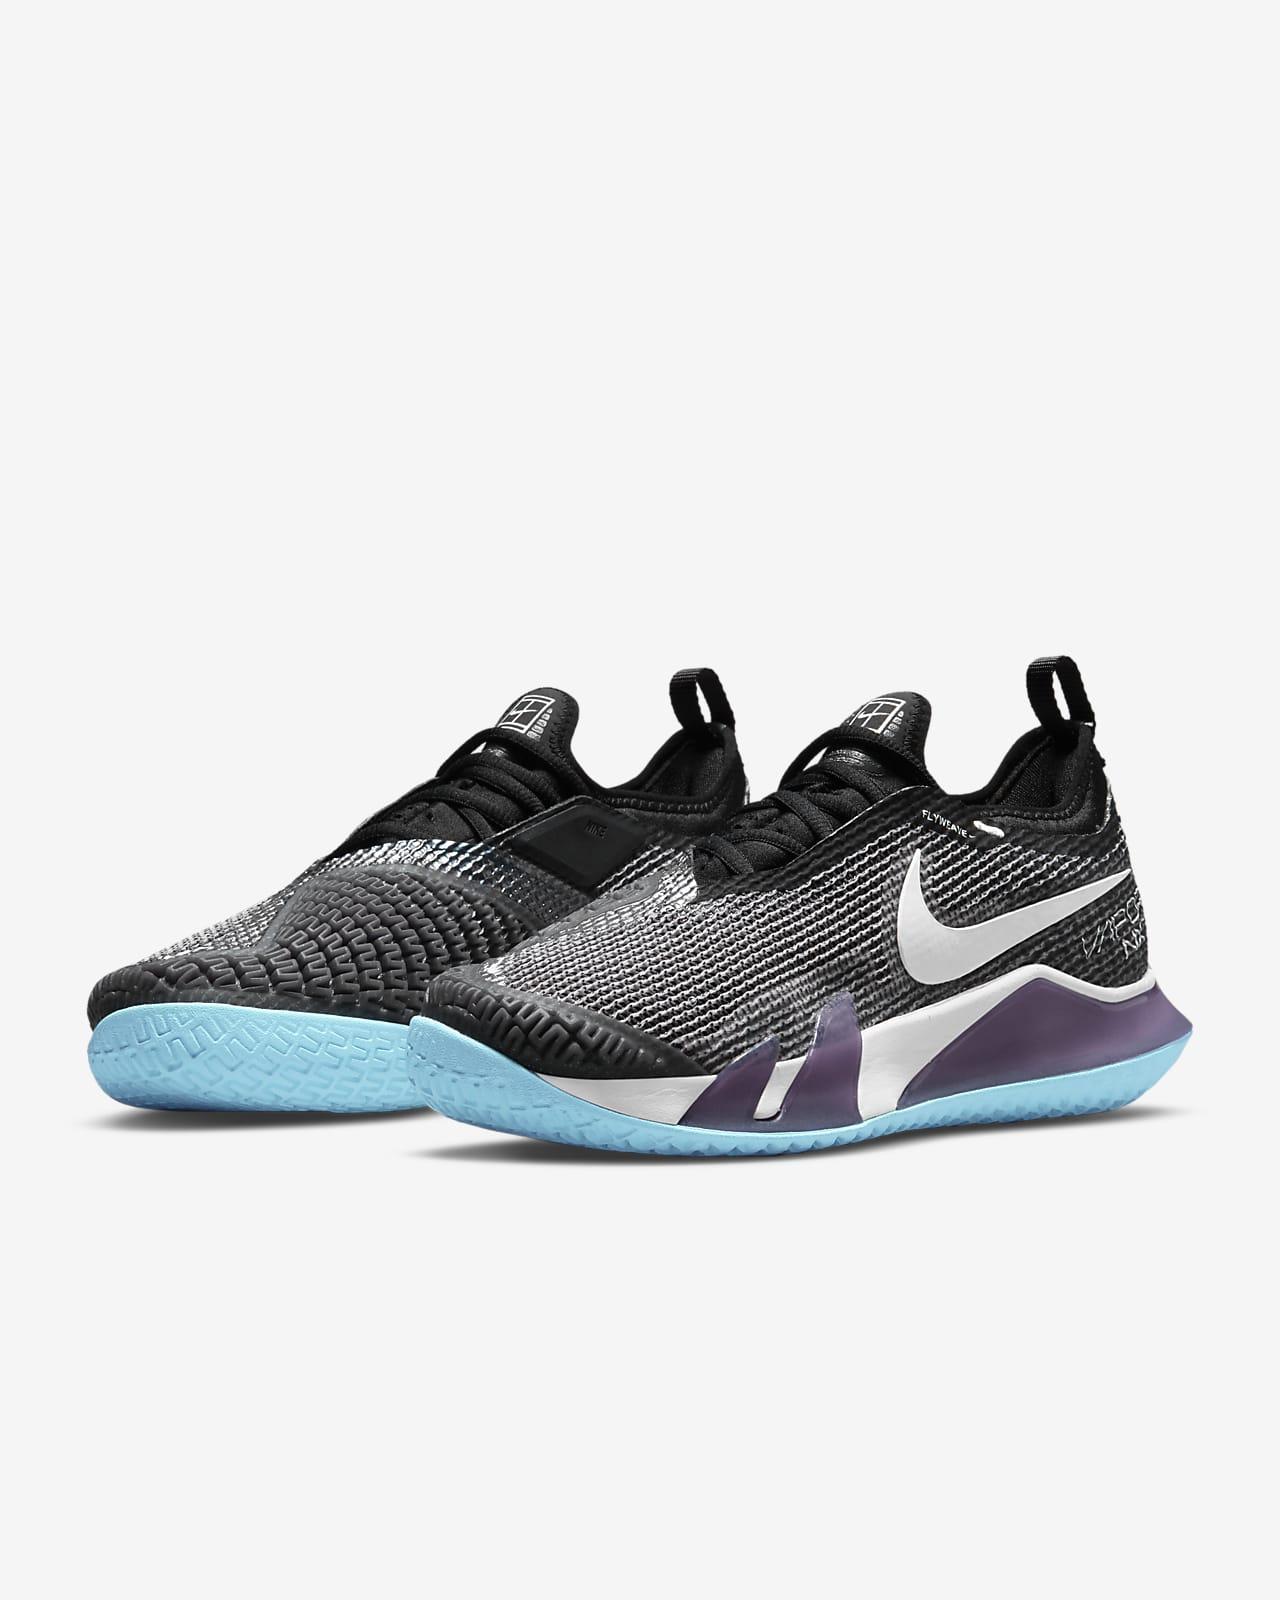 NikeCourt React Vapor NXT Women's Hard Court Tennis Shoe. Nike ID